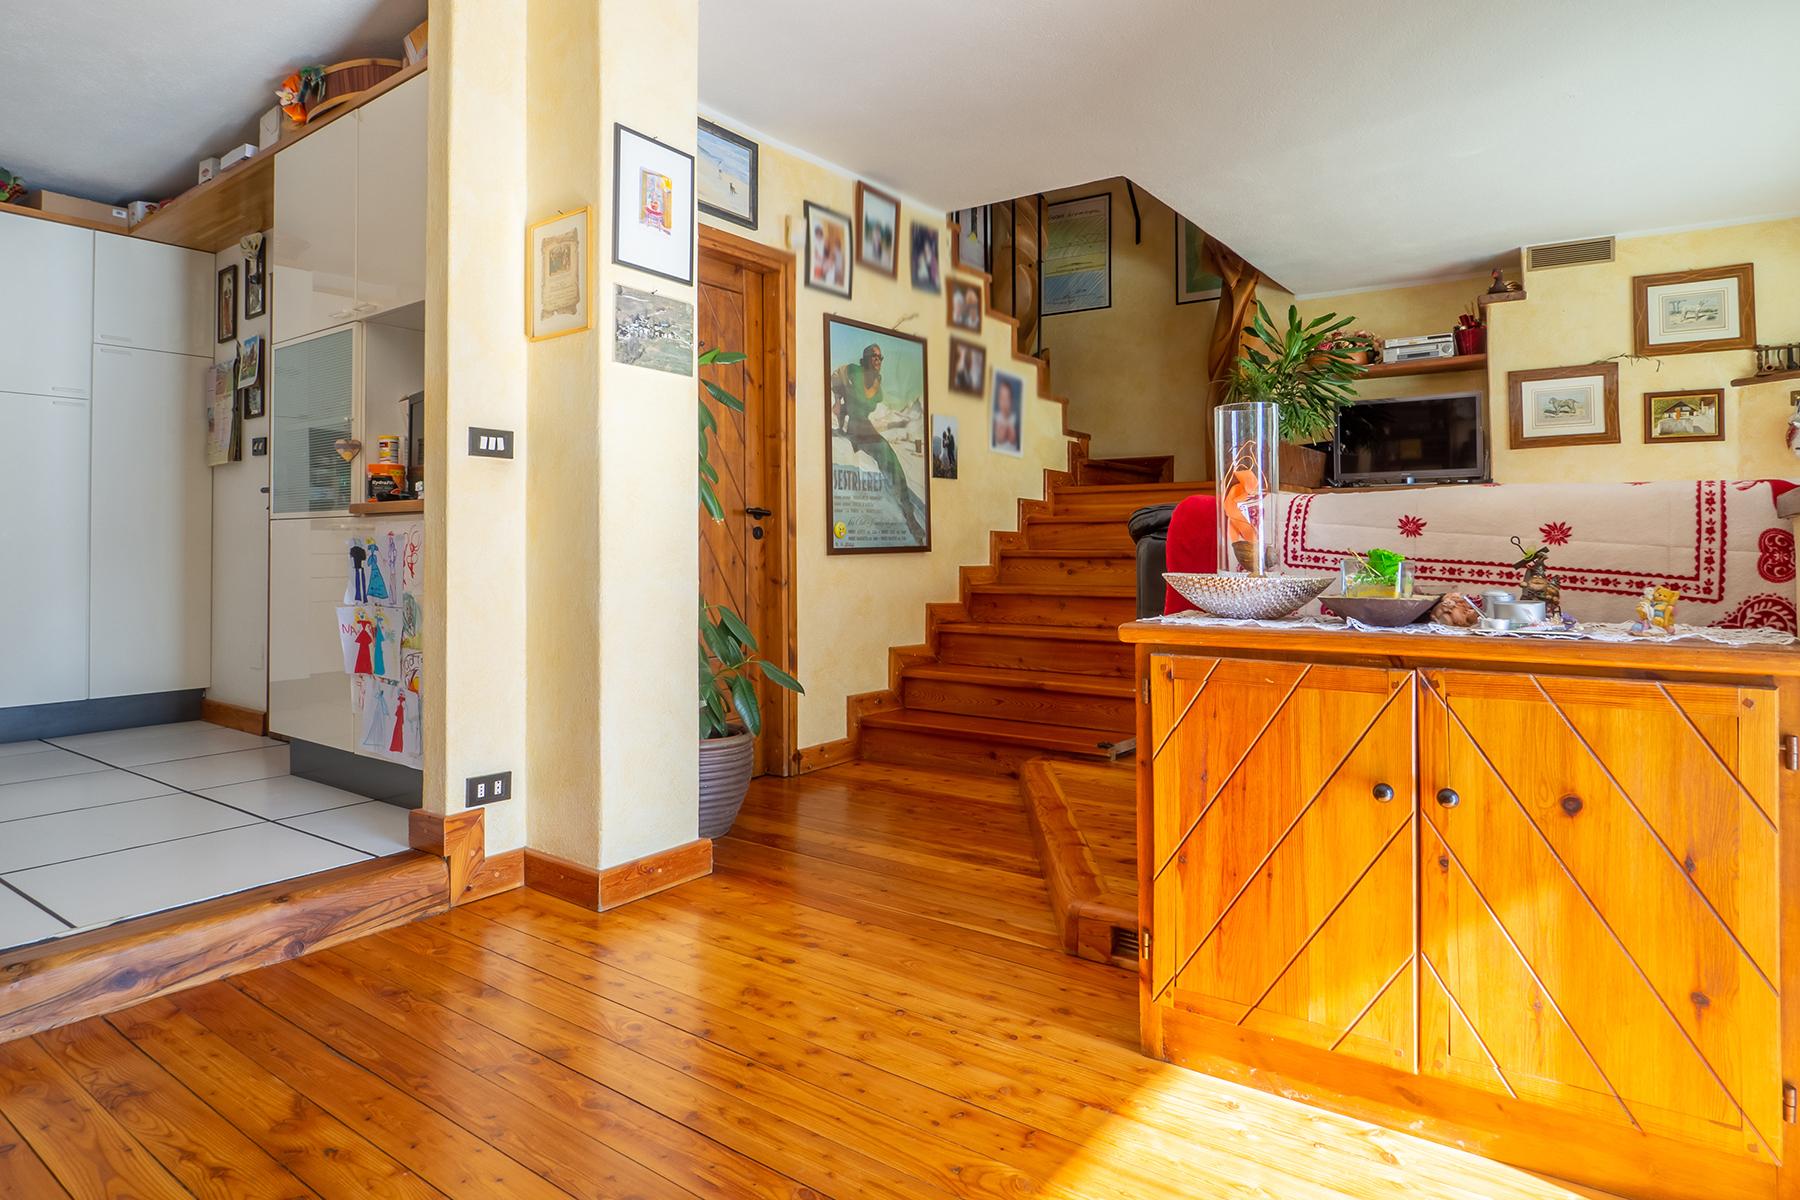 Casa indipendente in Vendita a Sestriere: 5 locali, 240 mq - Foto 5